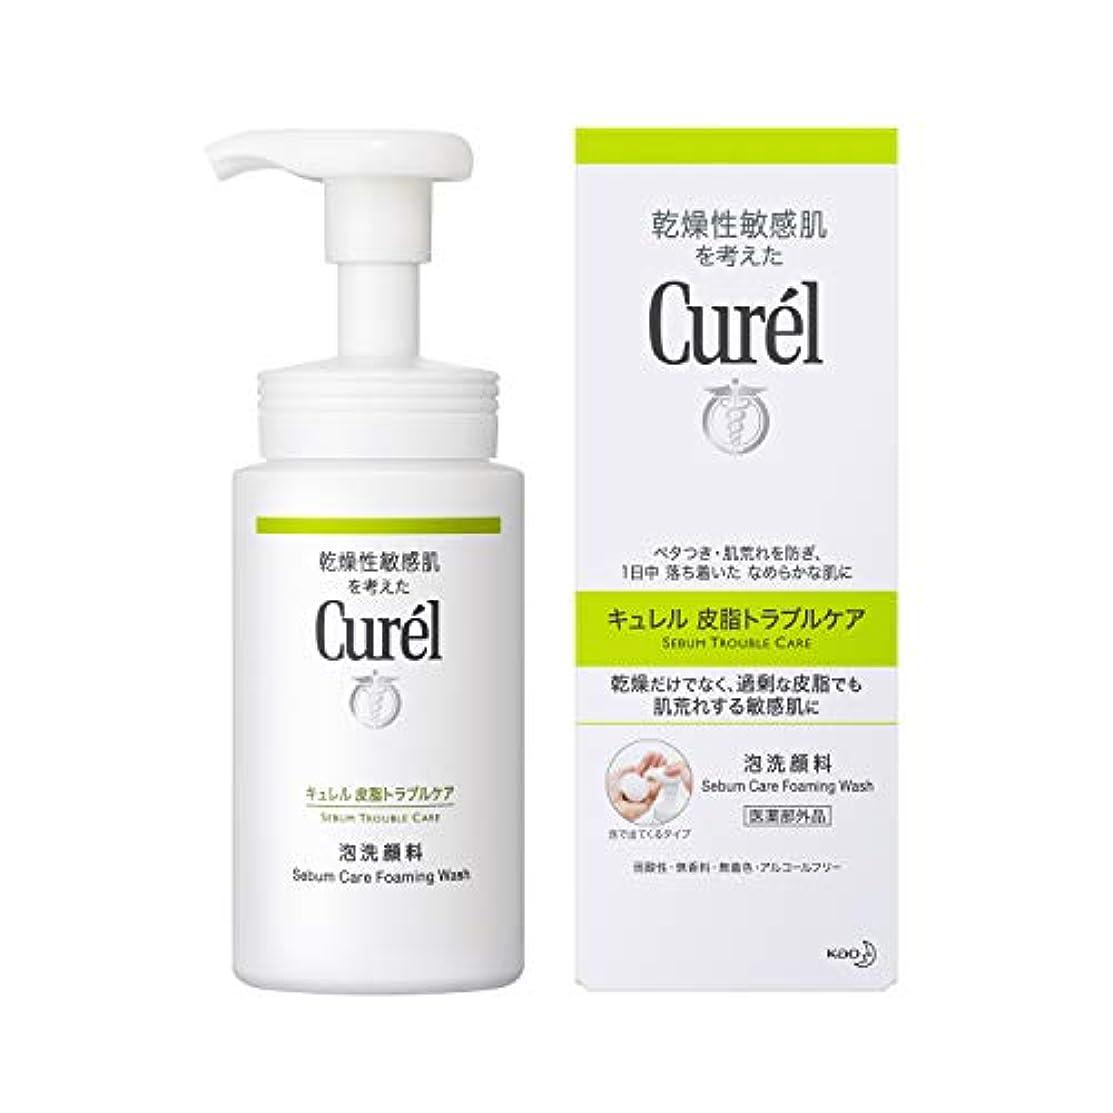 モニター結論眩惑するキュレル 皮脂トラブルケア泡洗顔料 150ml